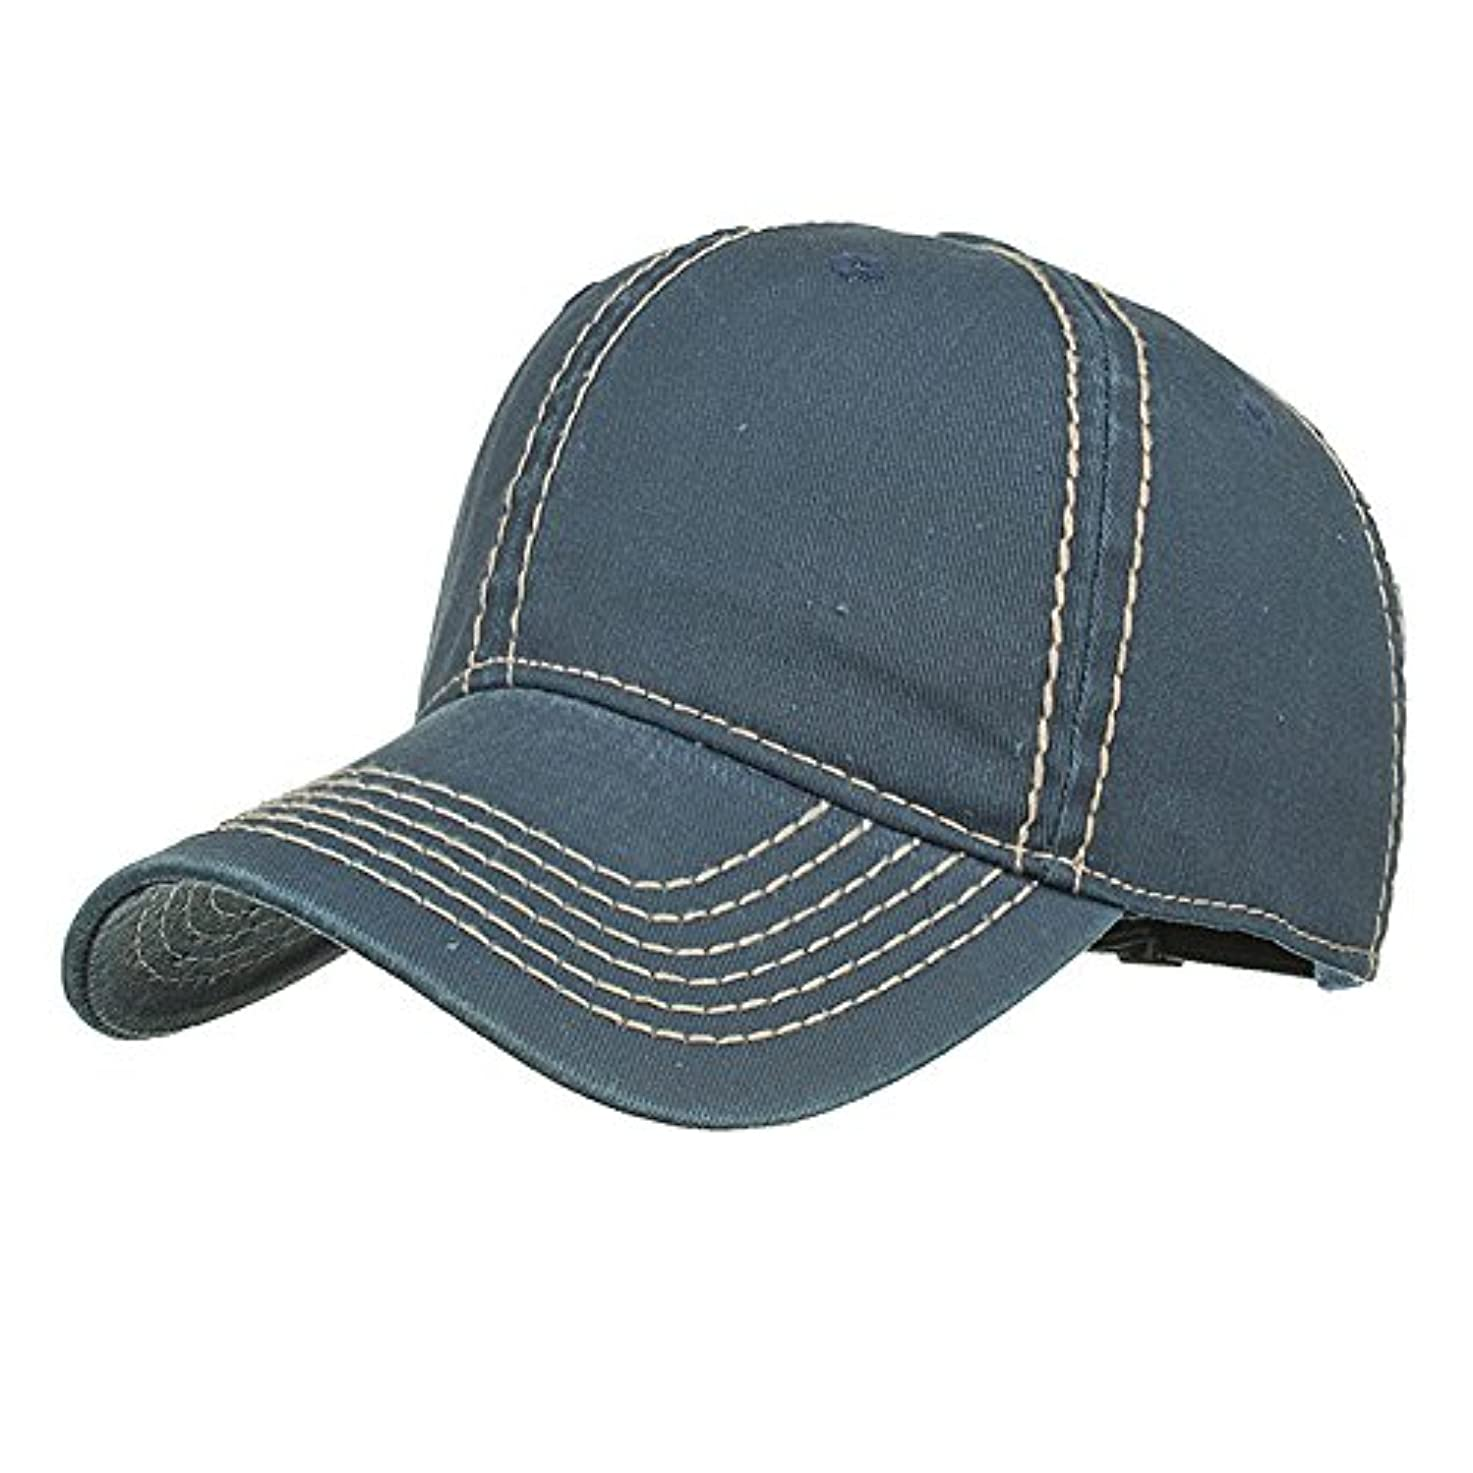 足枷ウィザード未接続Racazing Cap 無地 野球帽 キャップ 夏 登山 通気性のある 帽子 ベルクロ 可調整可能 刺繍 棒球帽 UV 帽子 軽量 屋外 Unisex Hat (C)